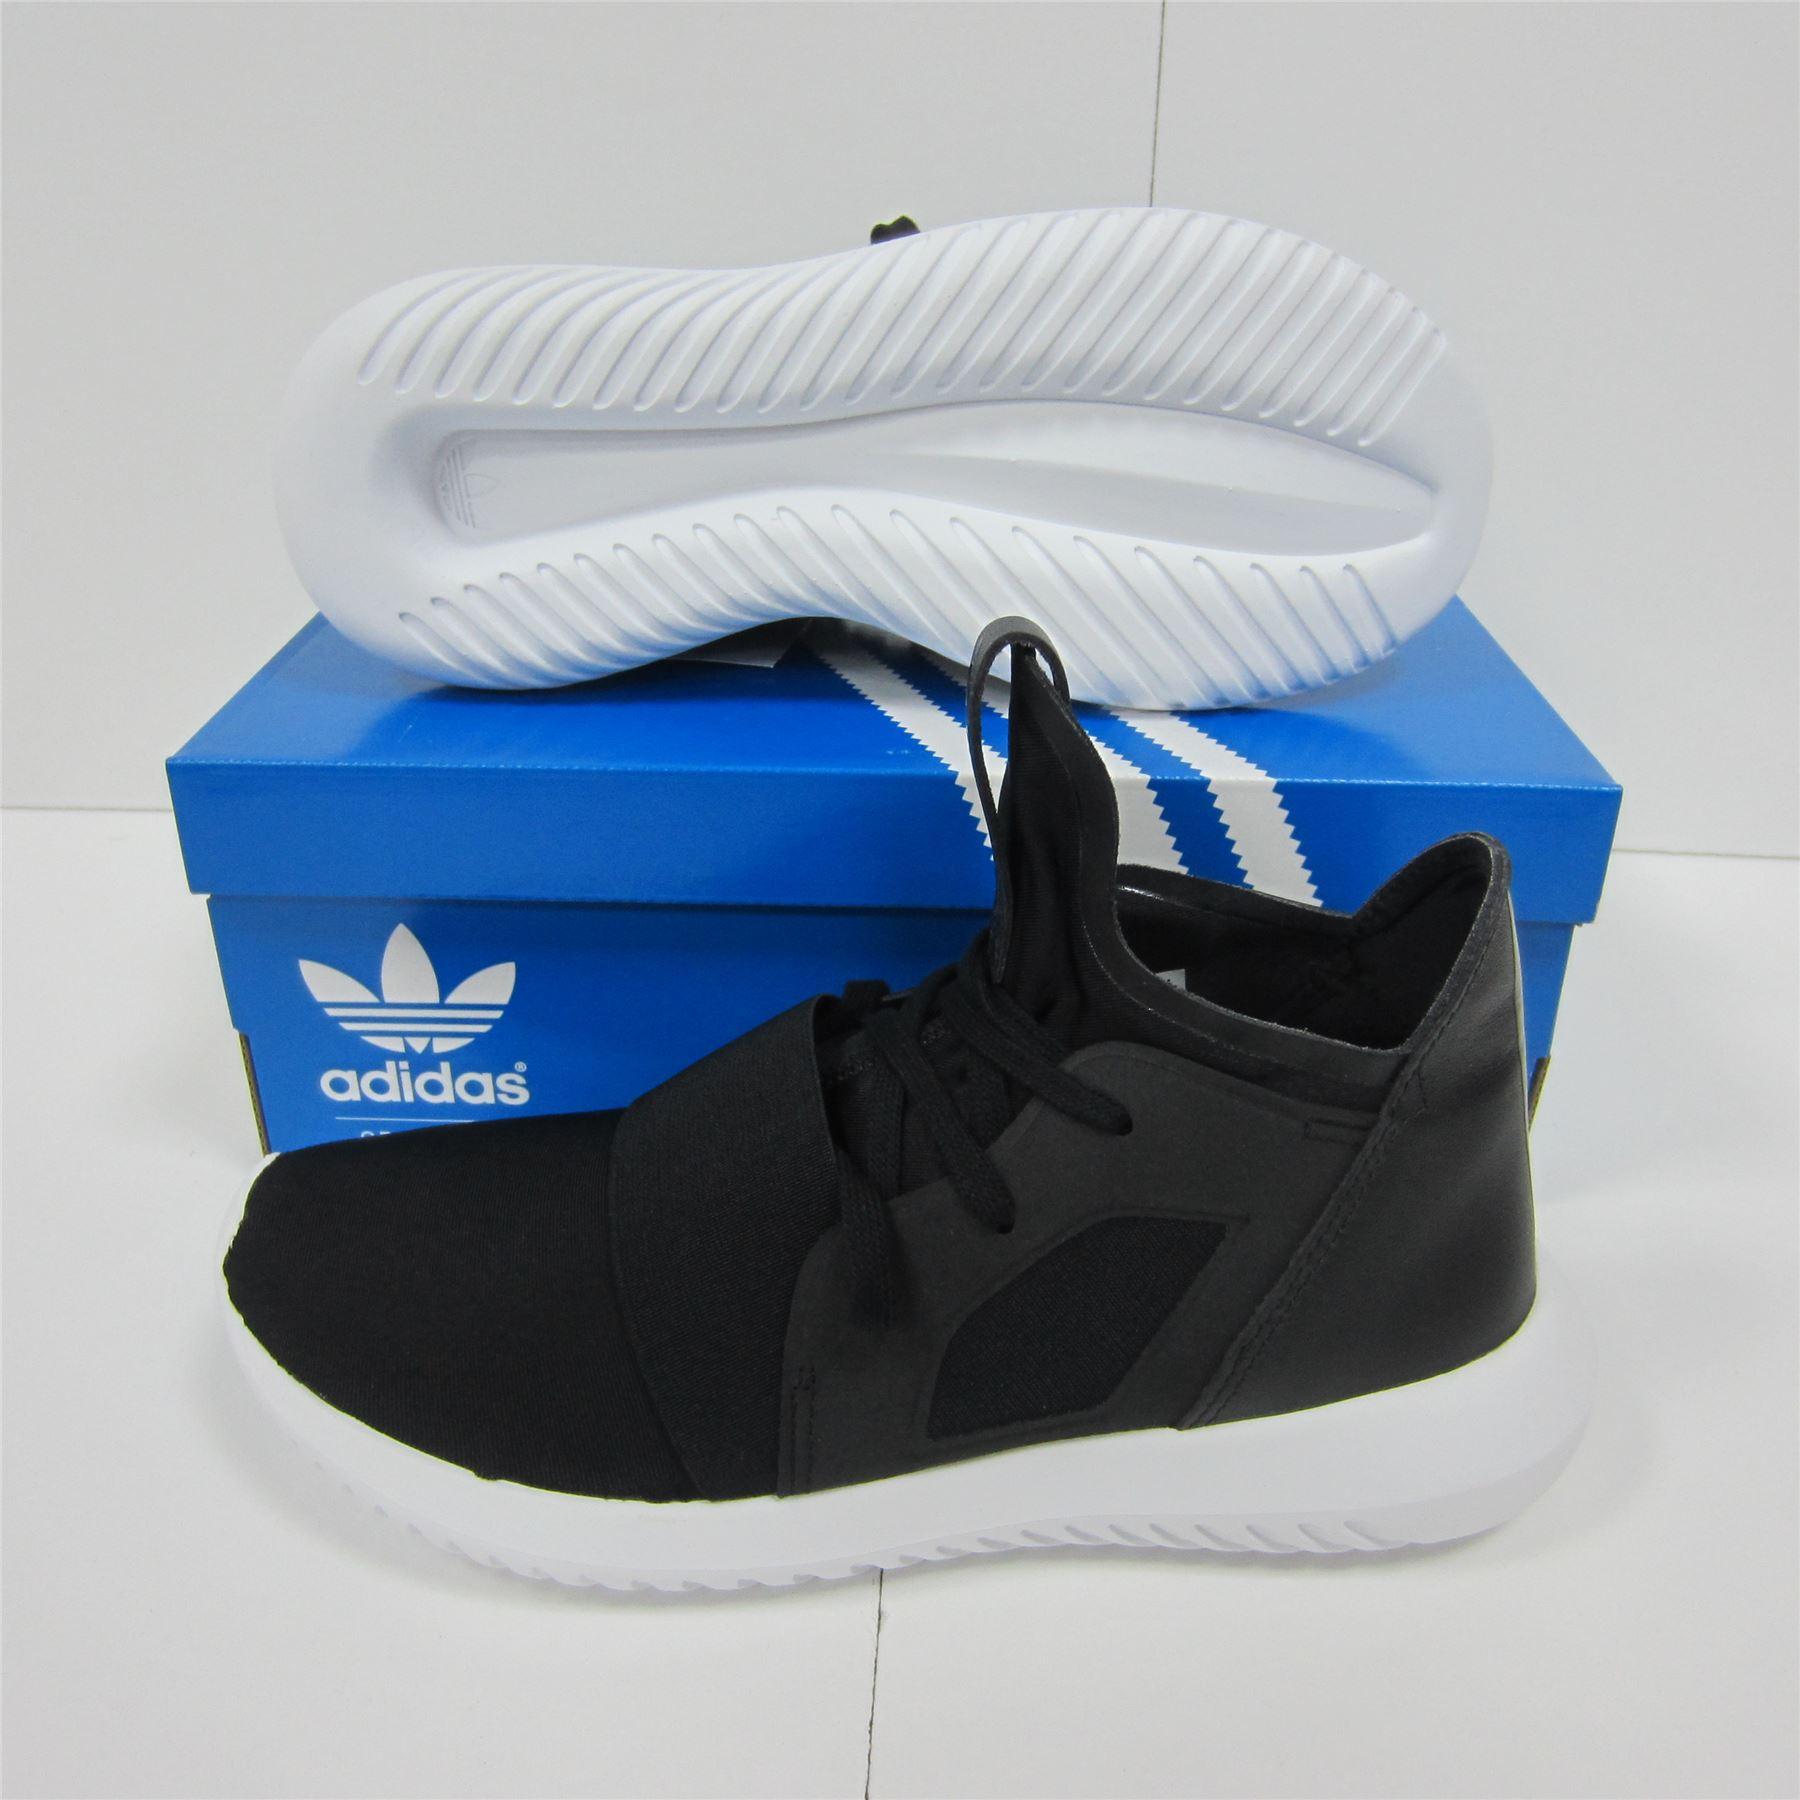 Détails sur Adidas Tubulaire Defiant Baskets Femmes NoirBlanc Chaussures Baskets Chaussures